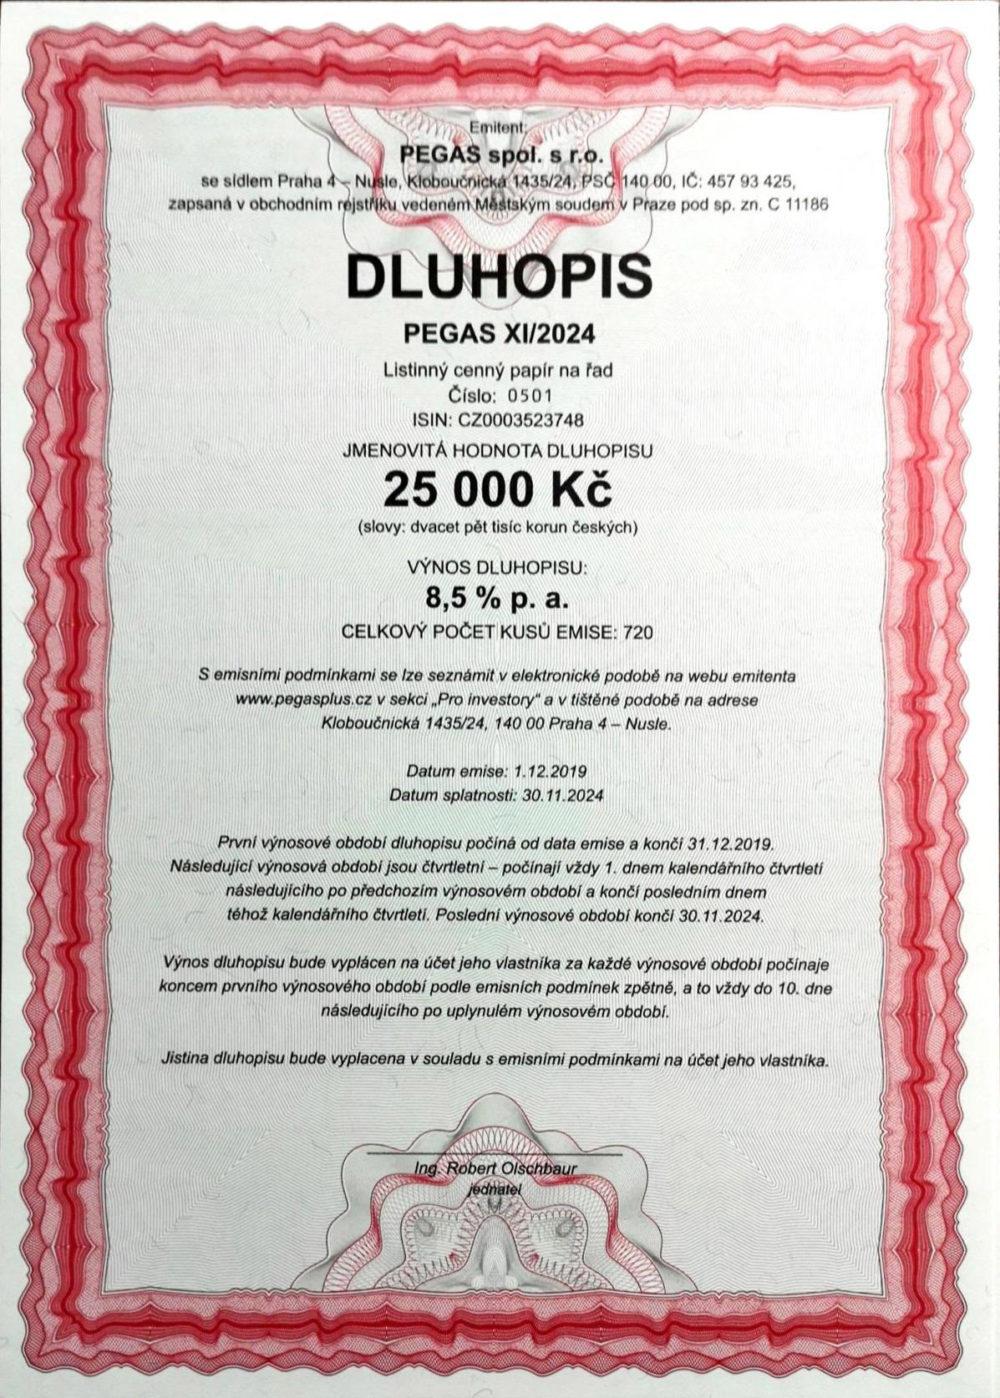 DLUHOPISY PEGAS XI/2024